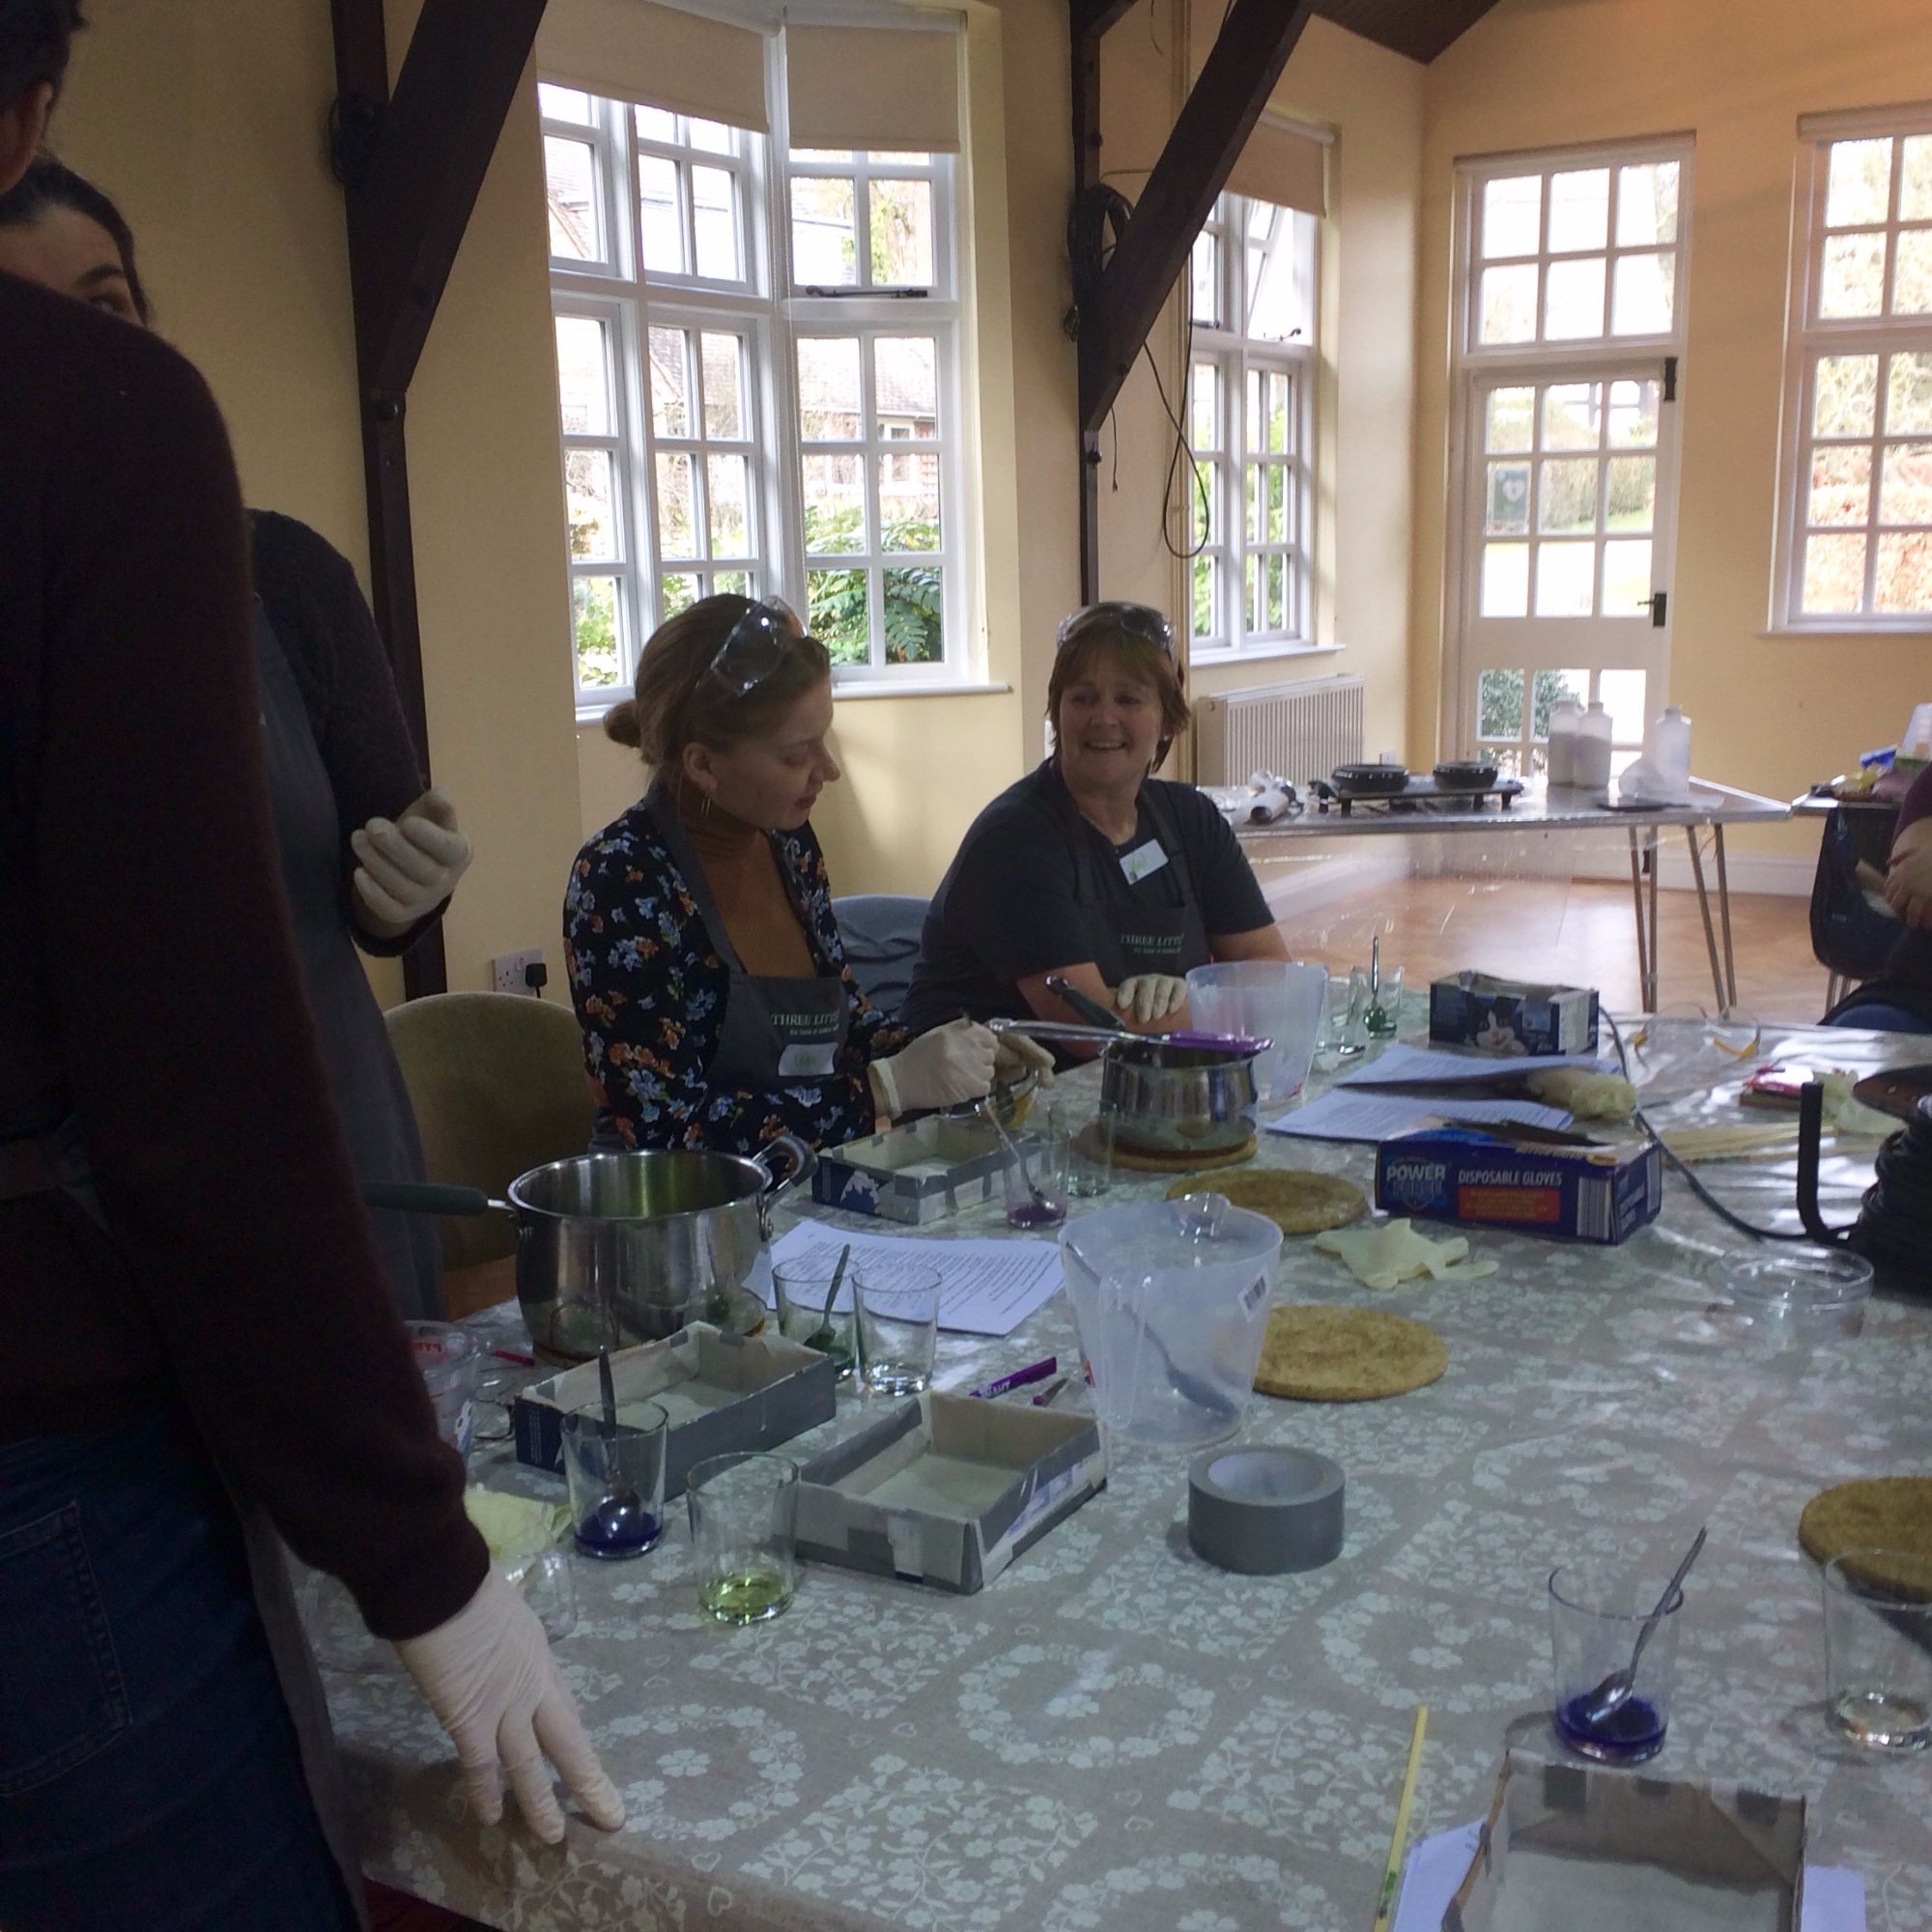 Soap Making Workshop - Workshoppers